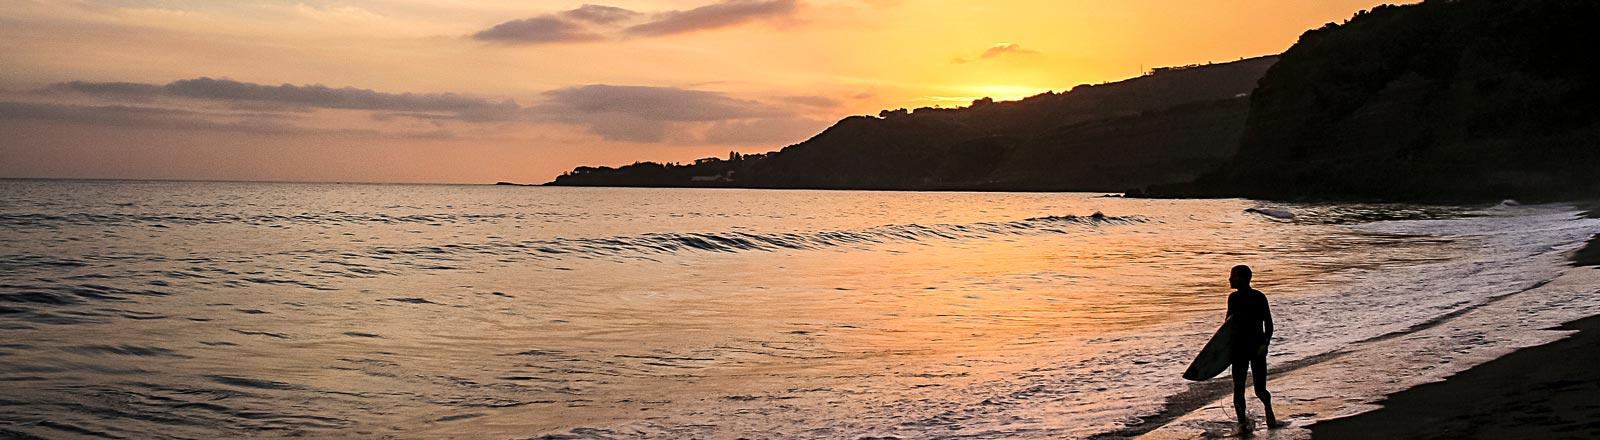 Ein Surfer an einem Strand einer Azoren-Insel.